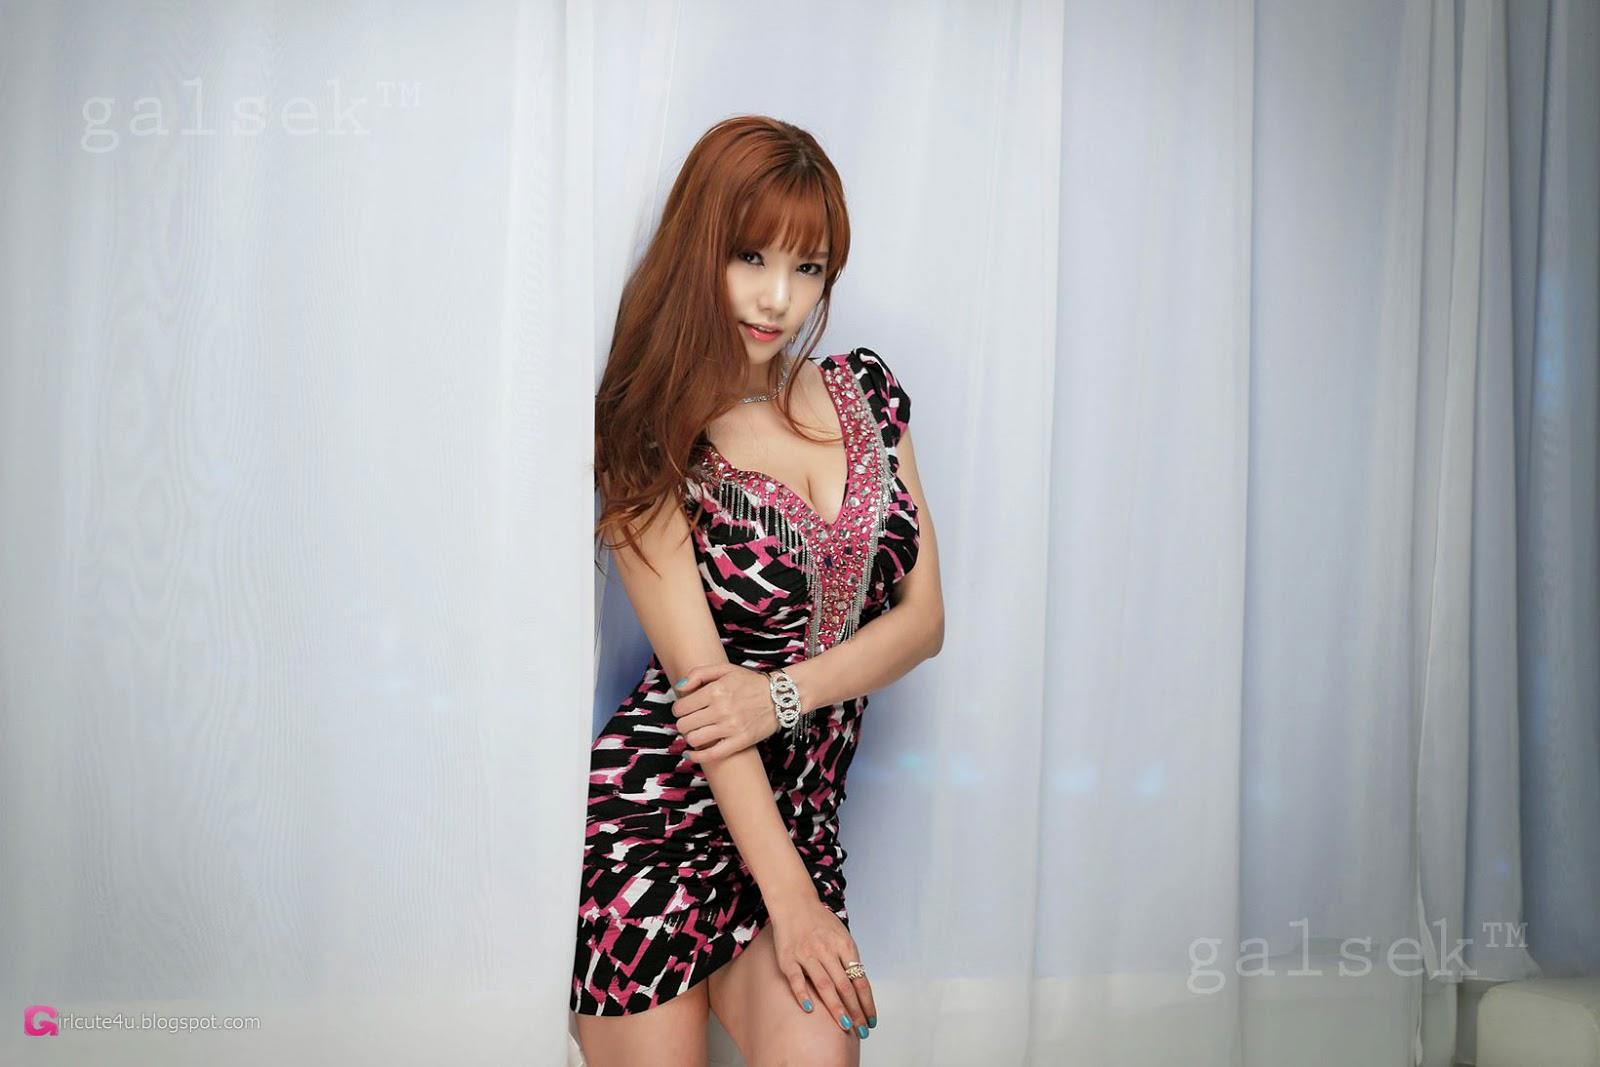 1 Stunning Han Min Young in 3 Studio Sets - very cute asian girl-girlcute4u.blogspot.com